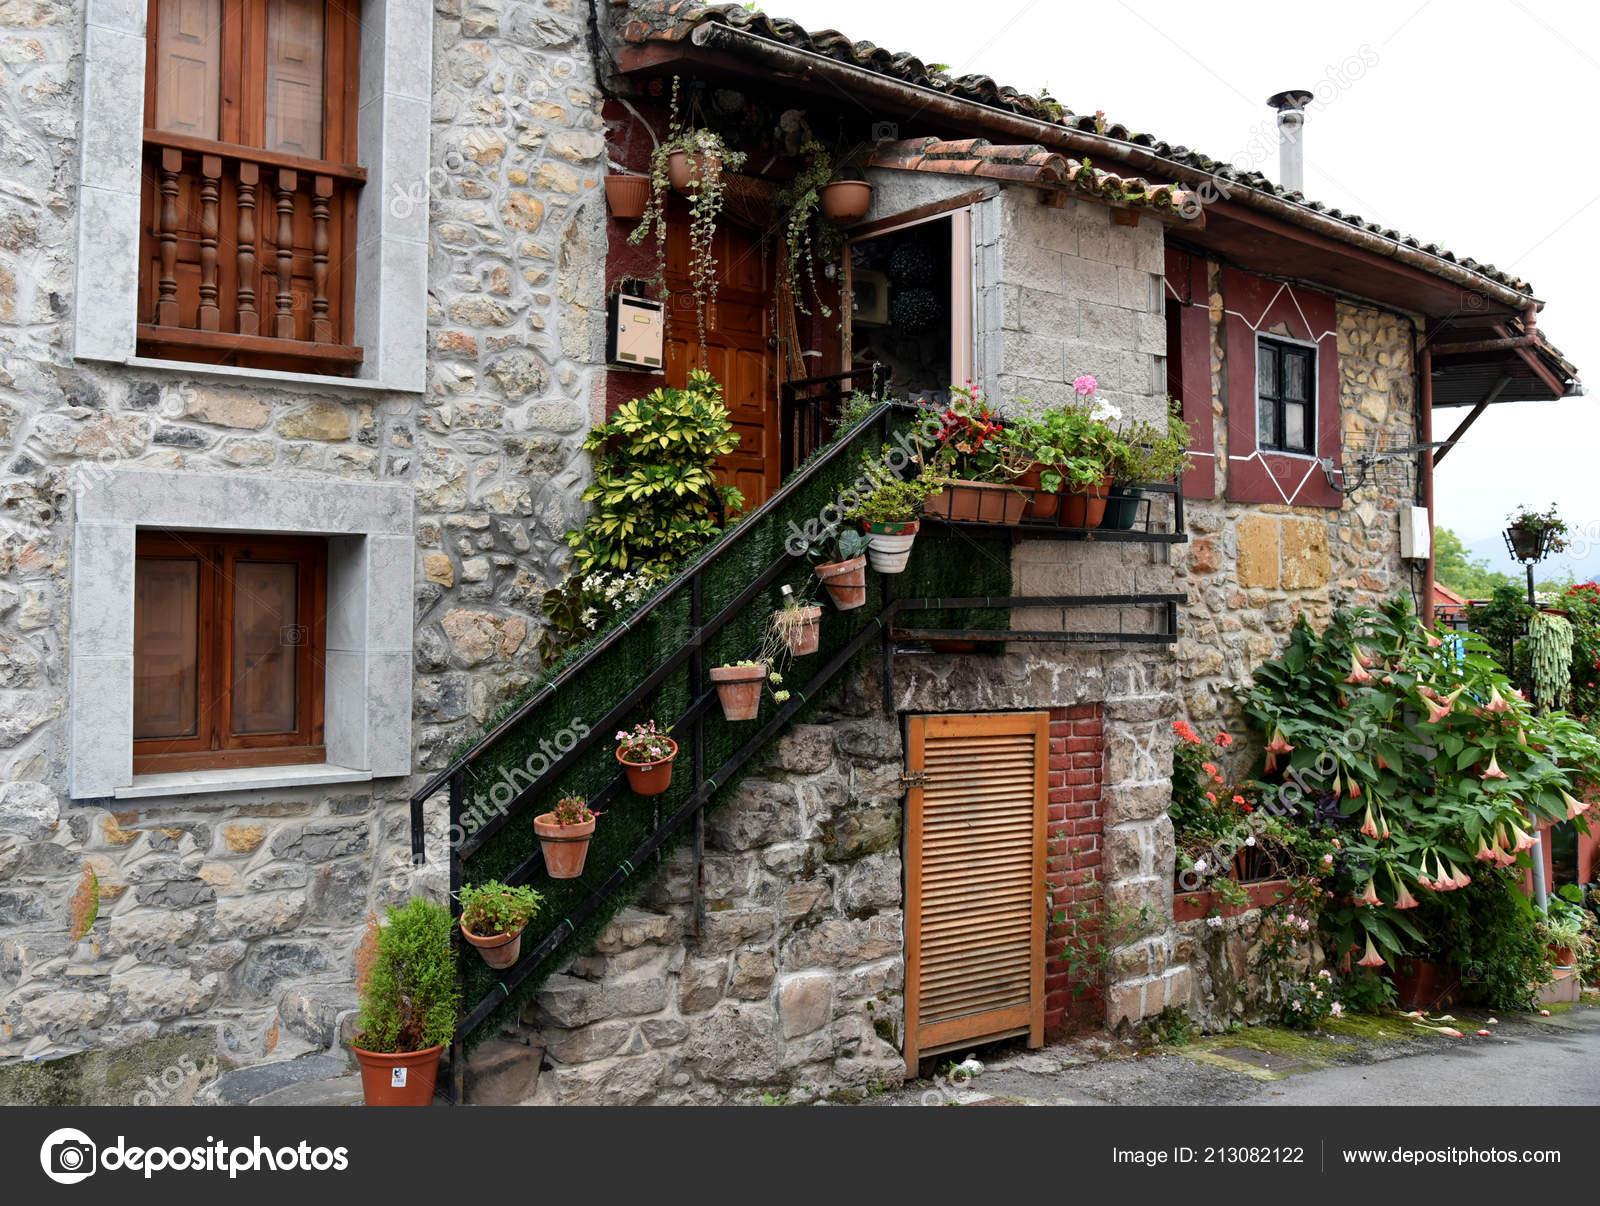 Paisaje con casas asturias espa a foto de stock eskaparate 213082122 - Casa de asturias madrid ...